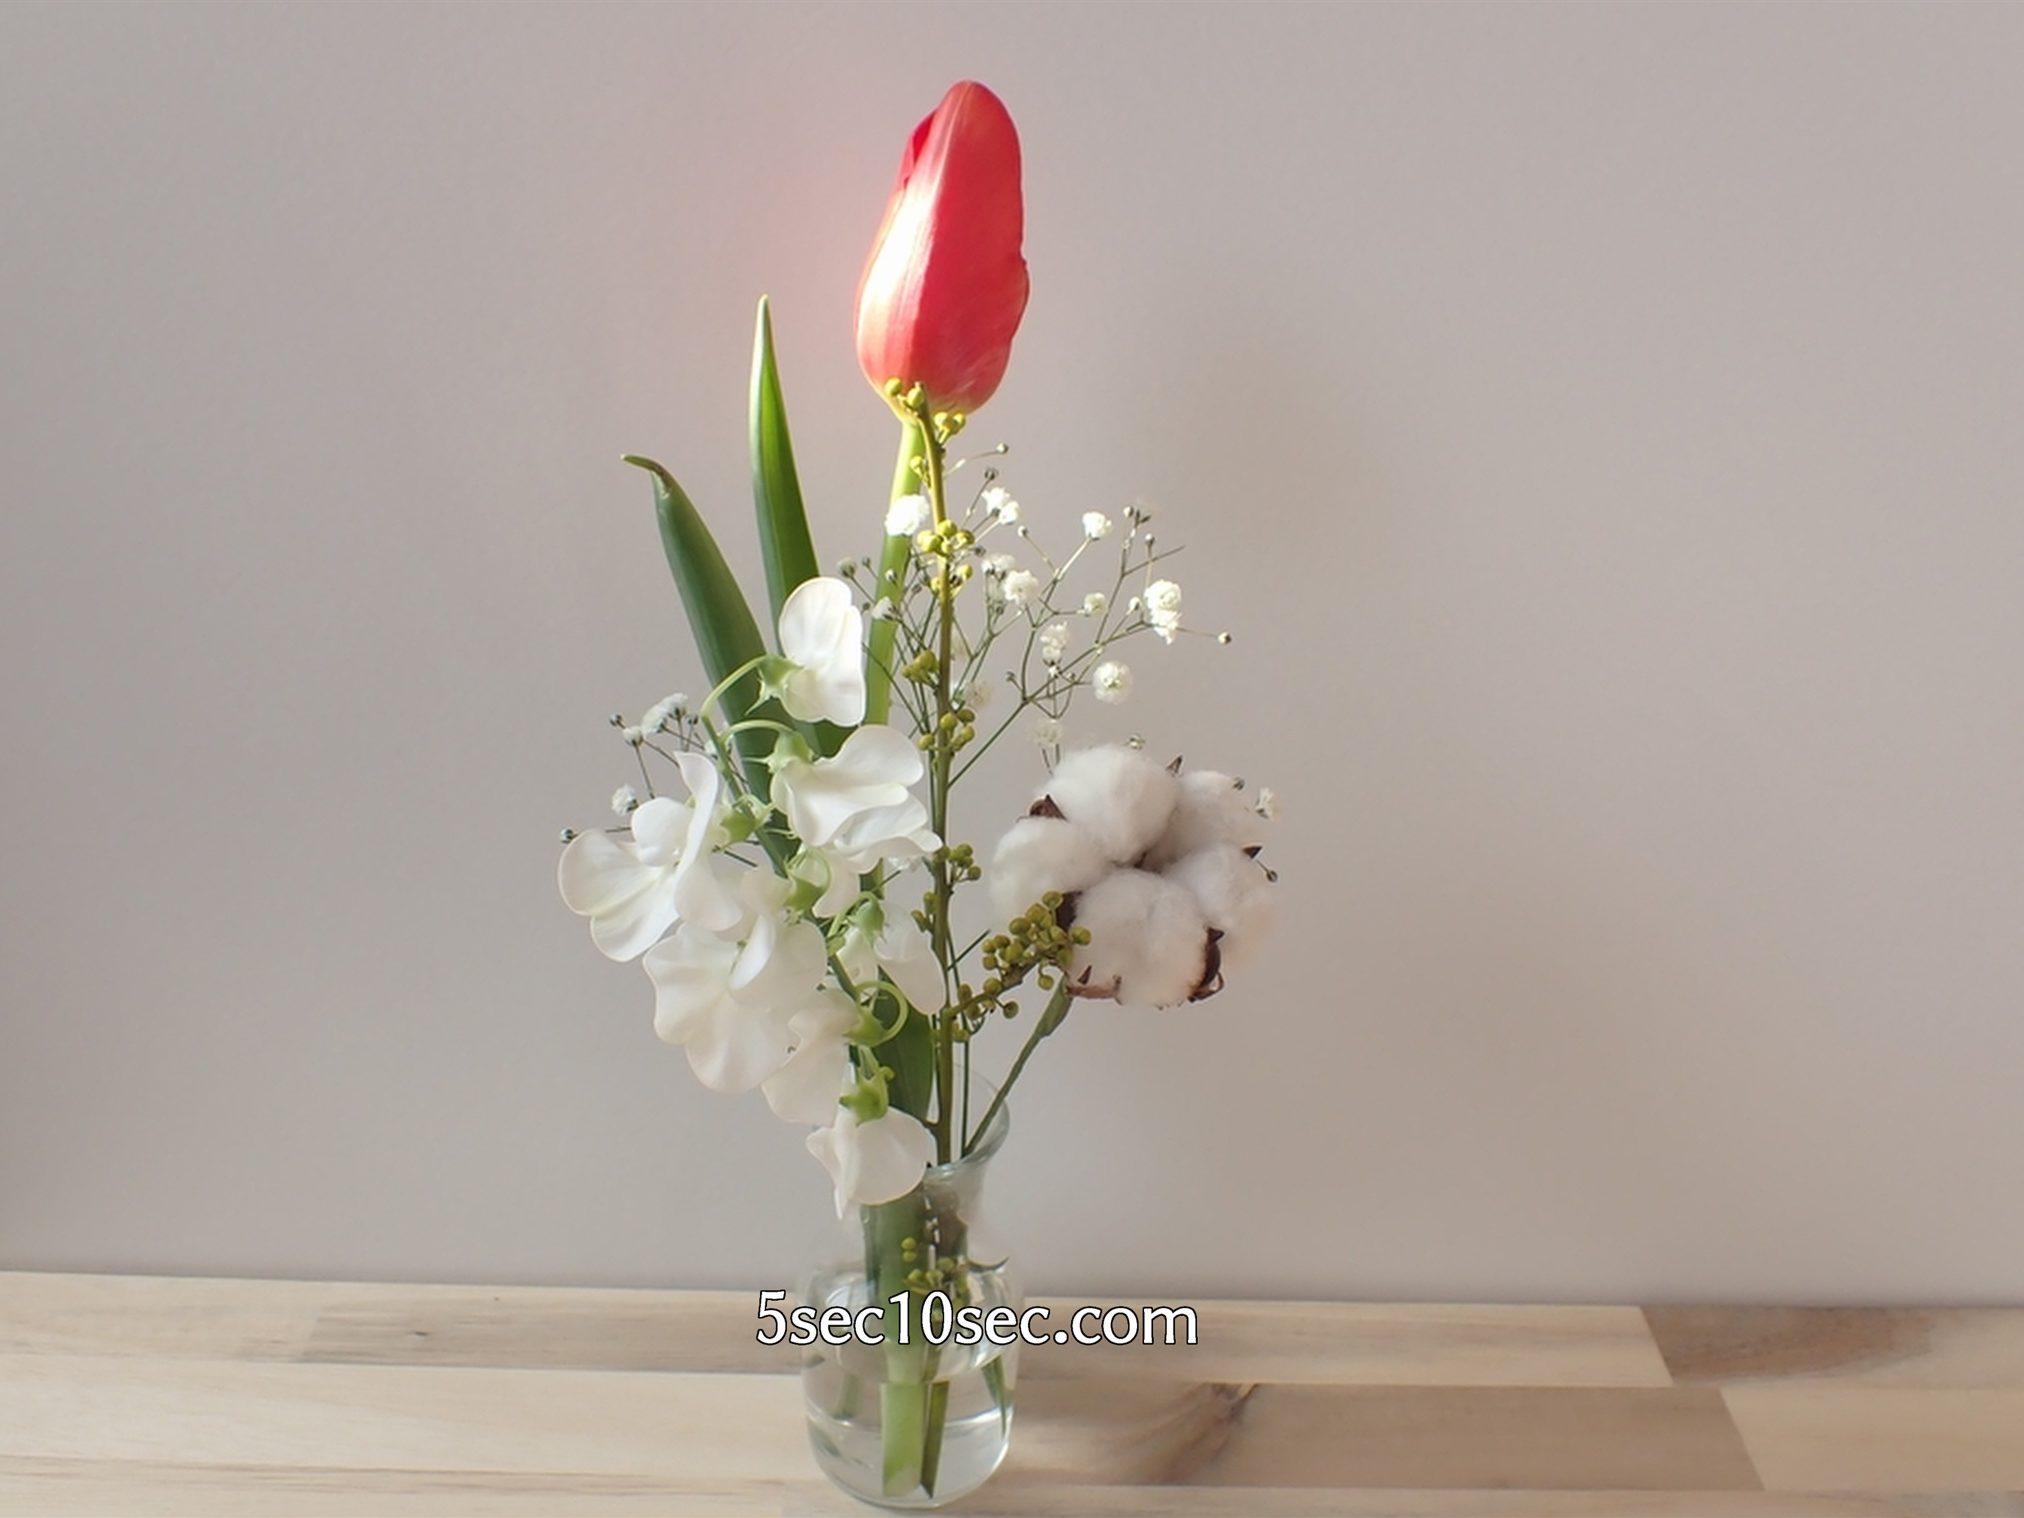 株式会社Crunch Style お花の定期便 Bloomee LIFE ブルーミーライフ 6日目、蕾が閉じた状態のチューリップ